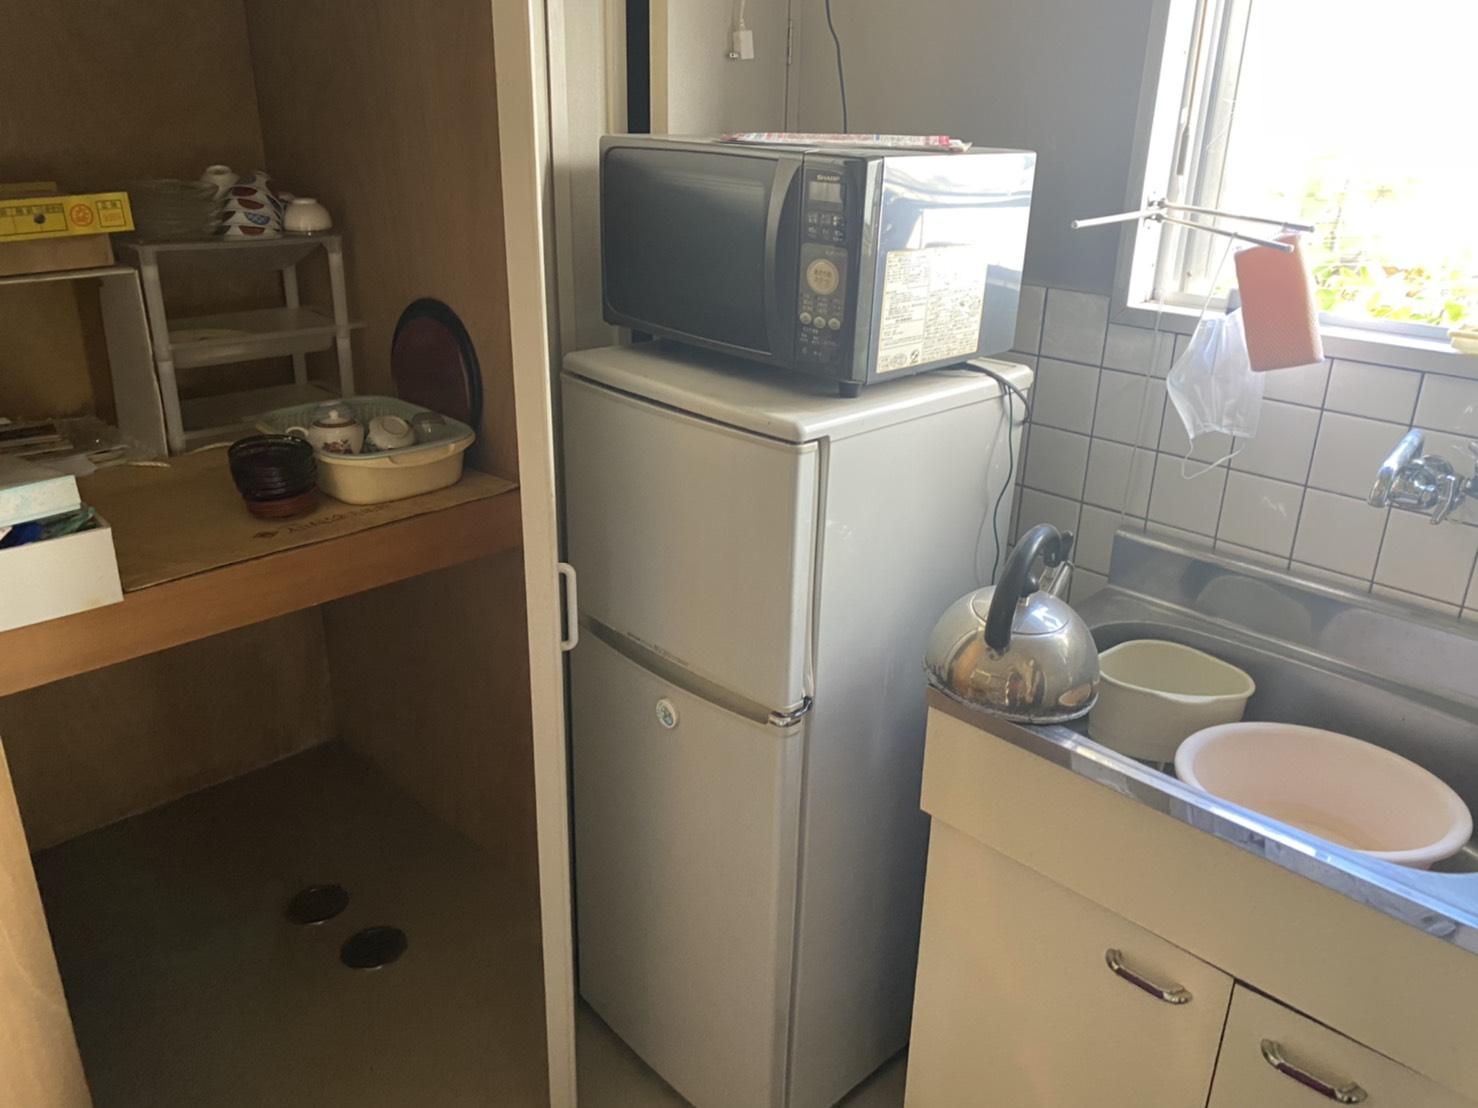 電子レンジ、冷蔵庫、食器の回収前